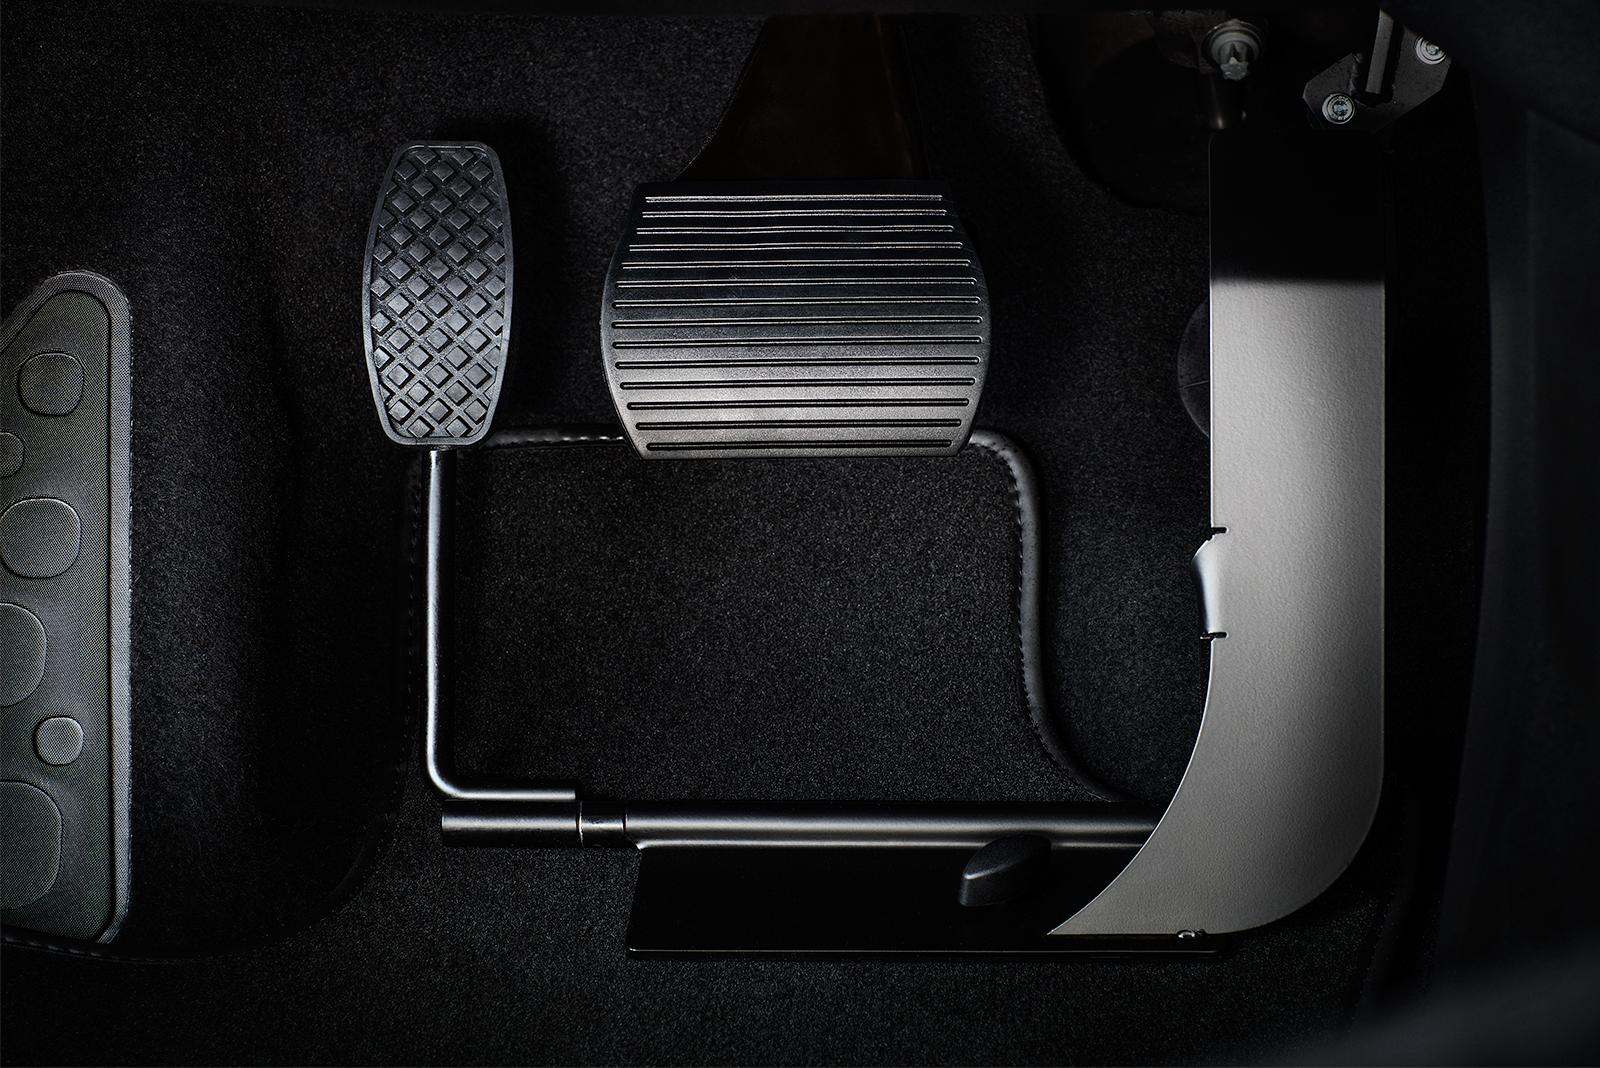 sol gaz pedali - Hangi koda karşılık aracınıza hangi özel donanımı yaptırdınız?